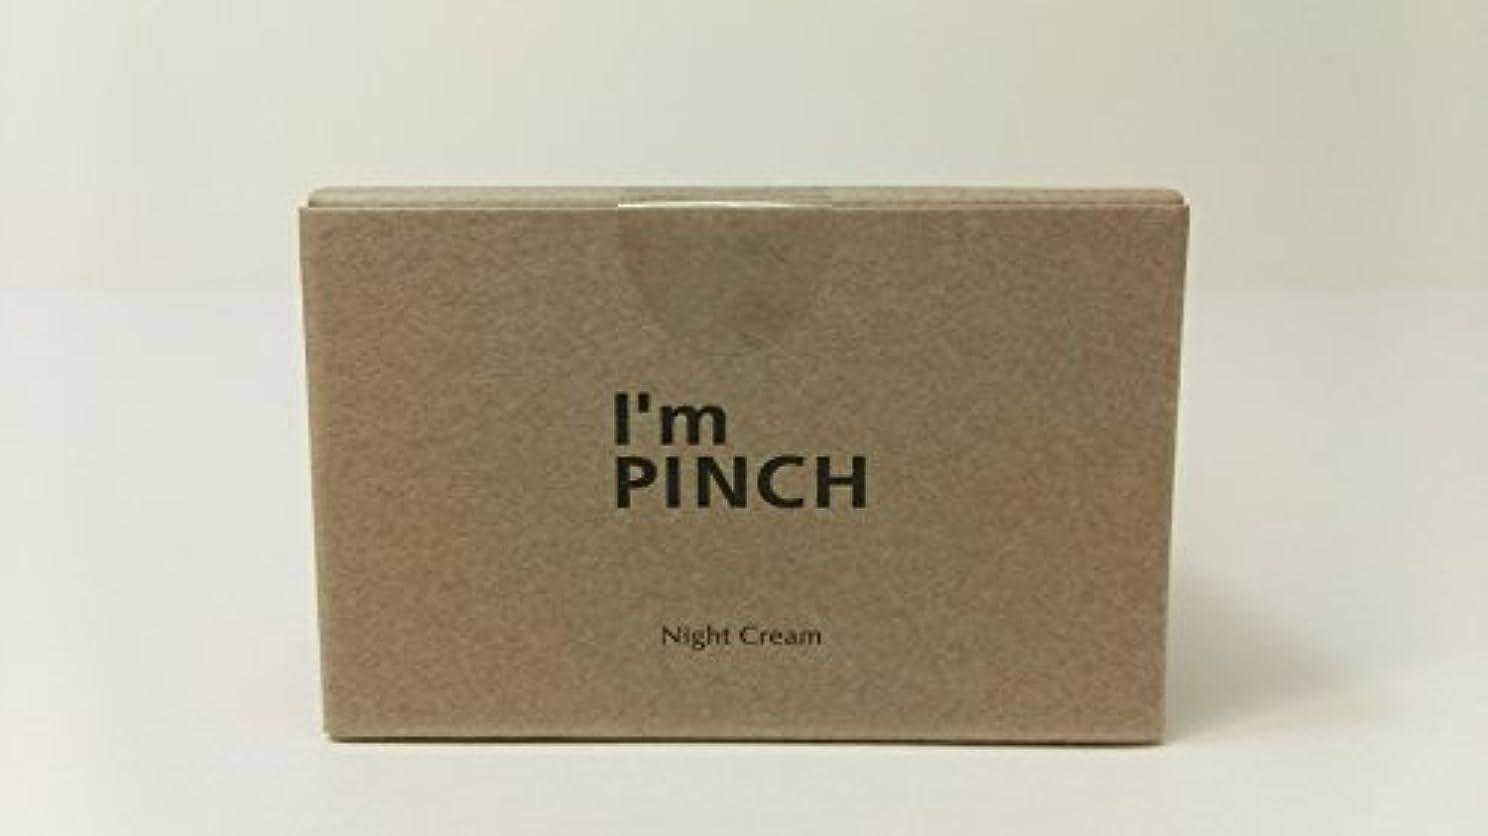 吸収する太鼓腹もっともらしいI'm pinch アイムピンチ ナイトクリーム (夜用クリーム) 30g